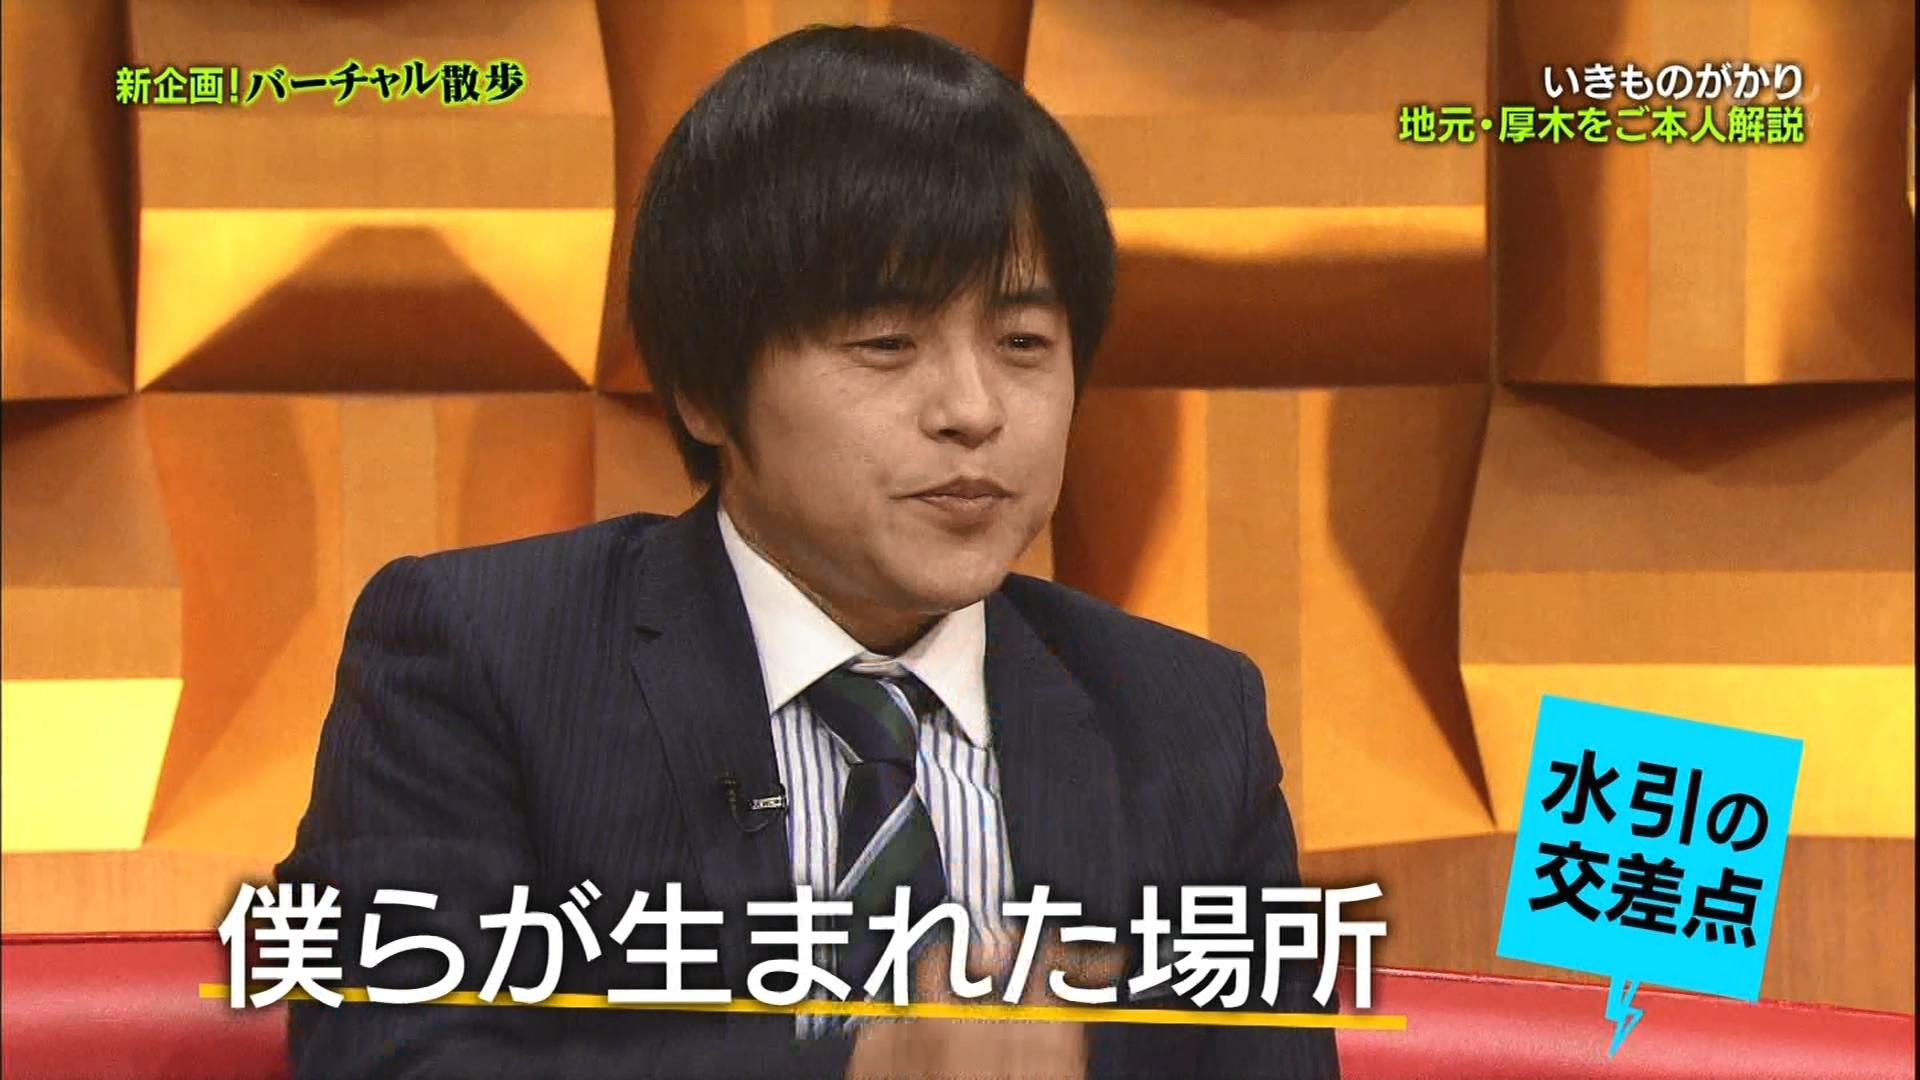 2016.03.11 全場(バズリズム).ts_20160312_020159.297